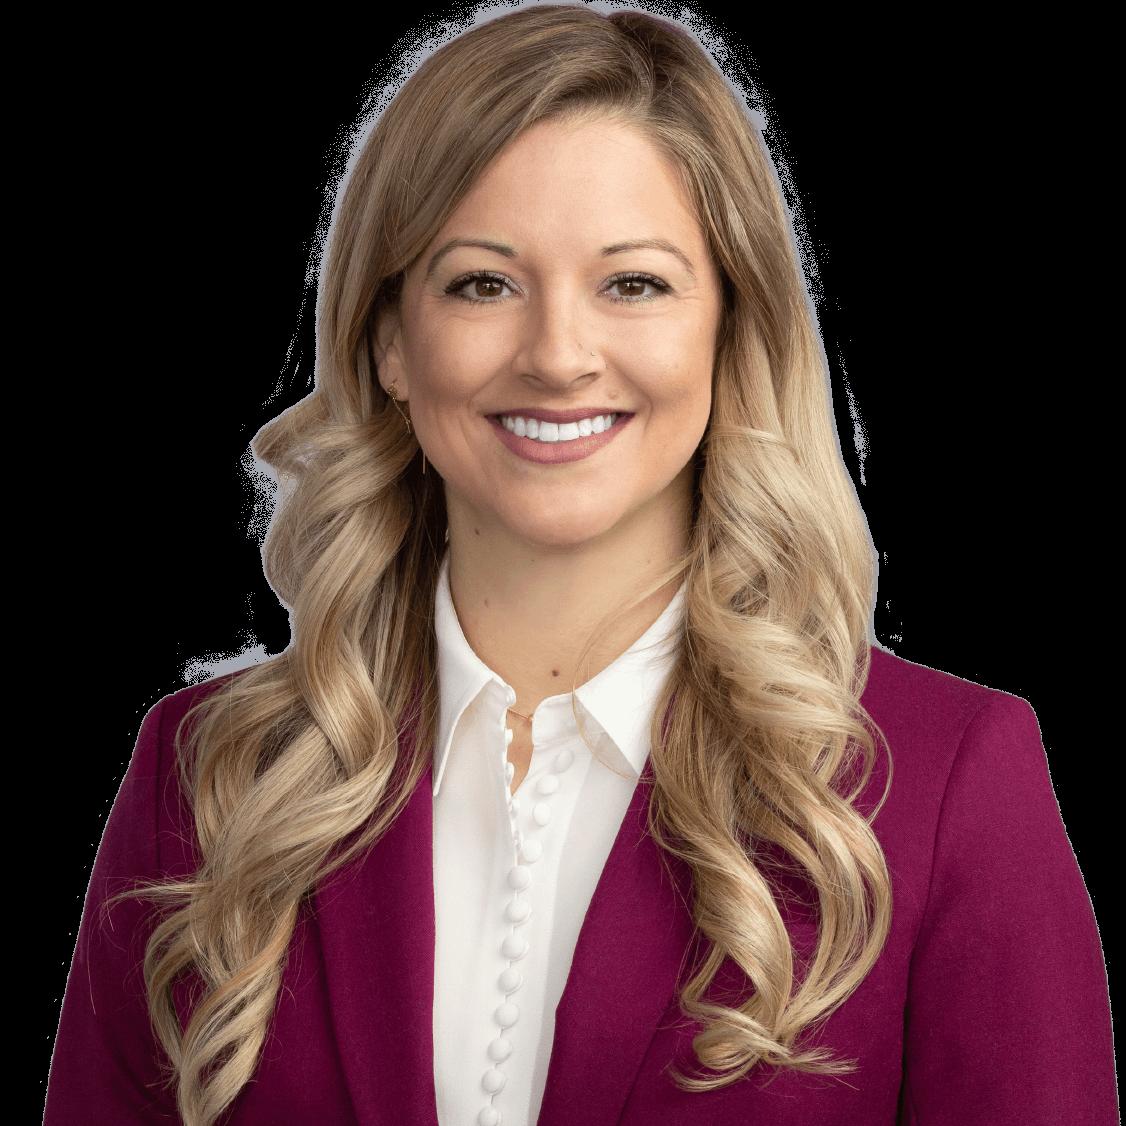 Nicole A. Grabianowski